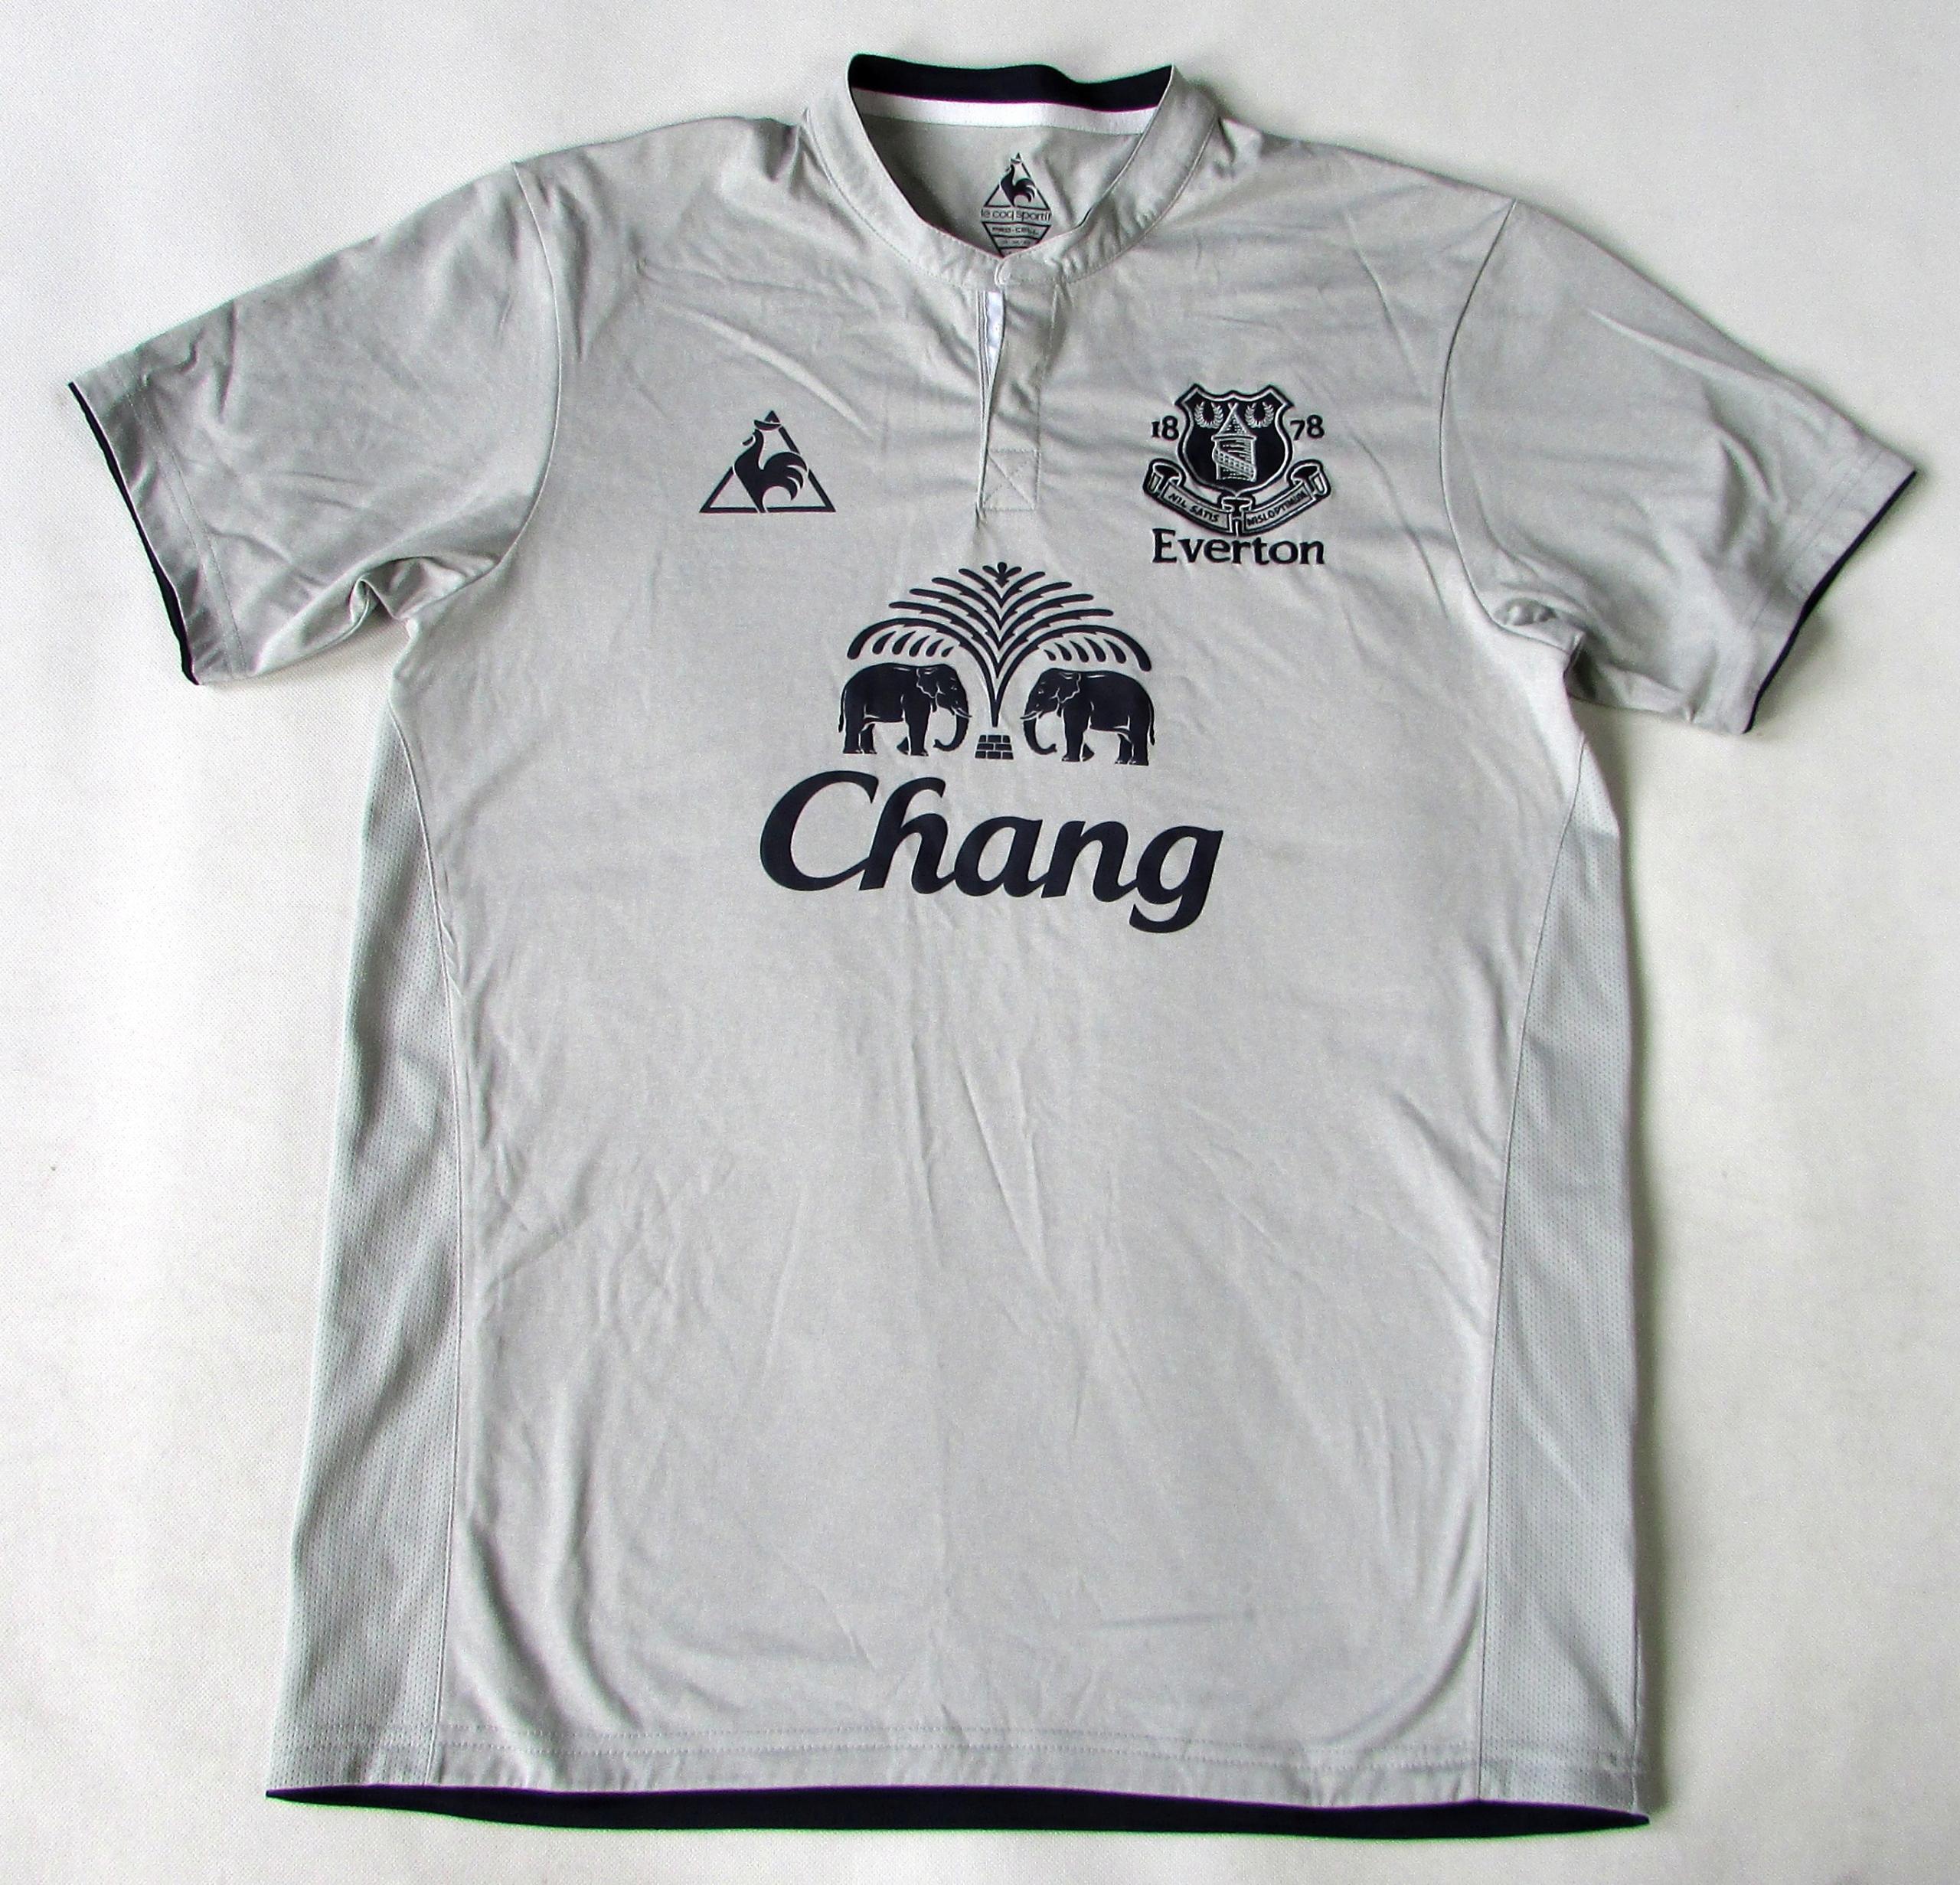 EVERTON F.C.__Oficjalna koszulka_2011/12_IDEAŁ